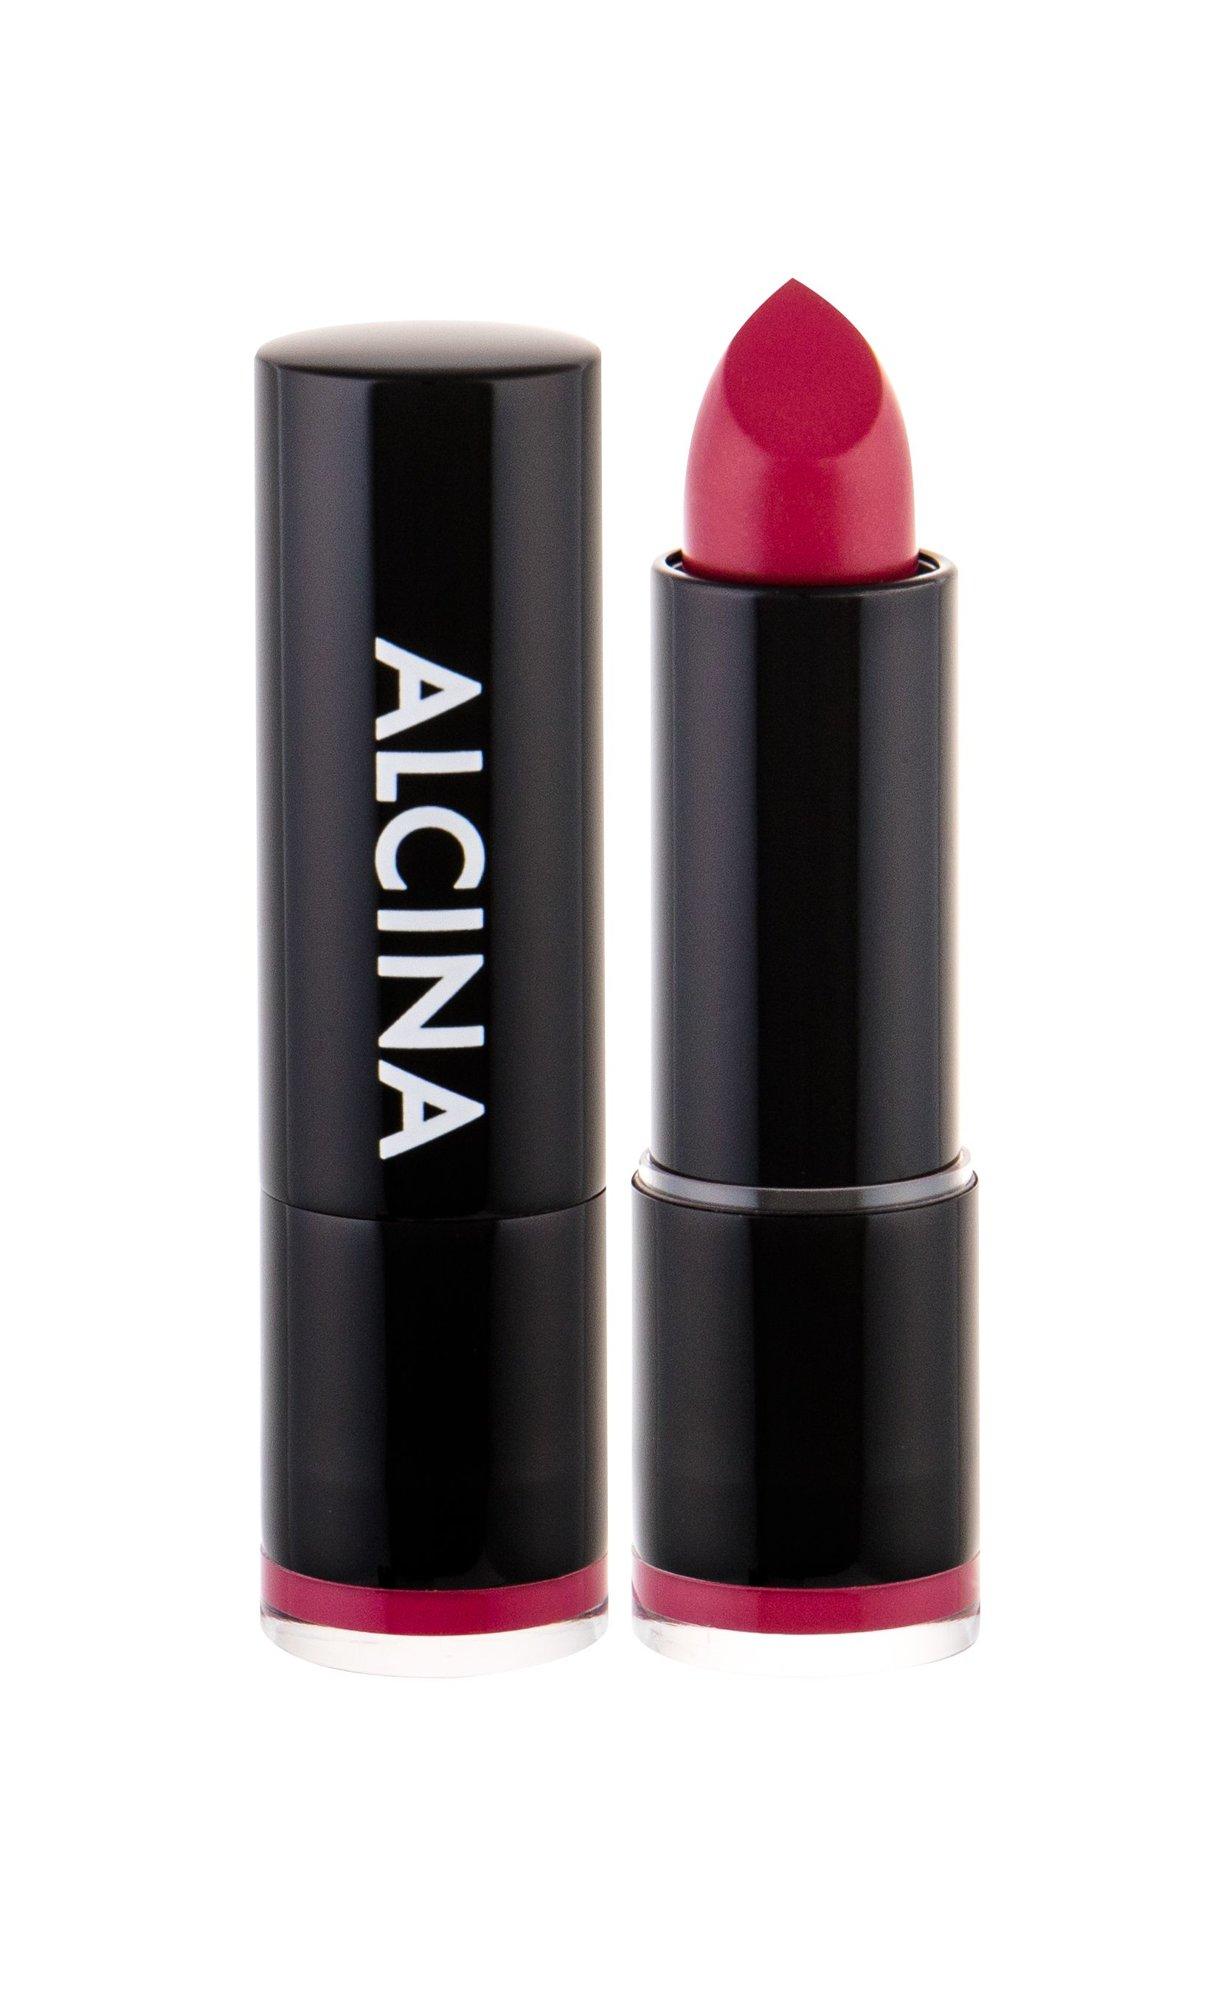 ALCINA Intense Lipstick 4ml 050 Chianti